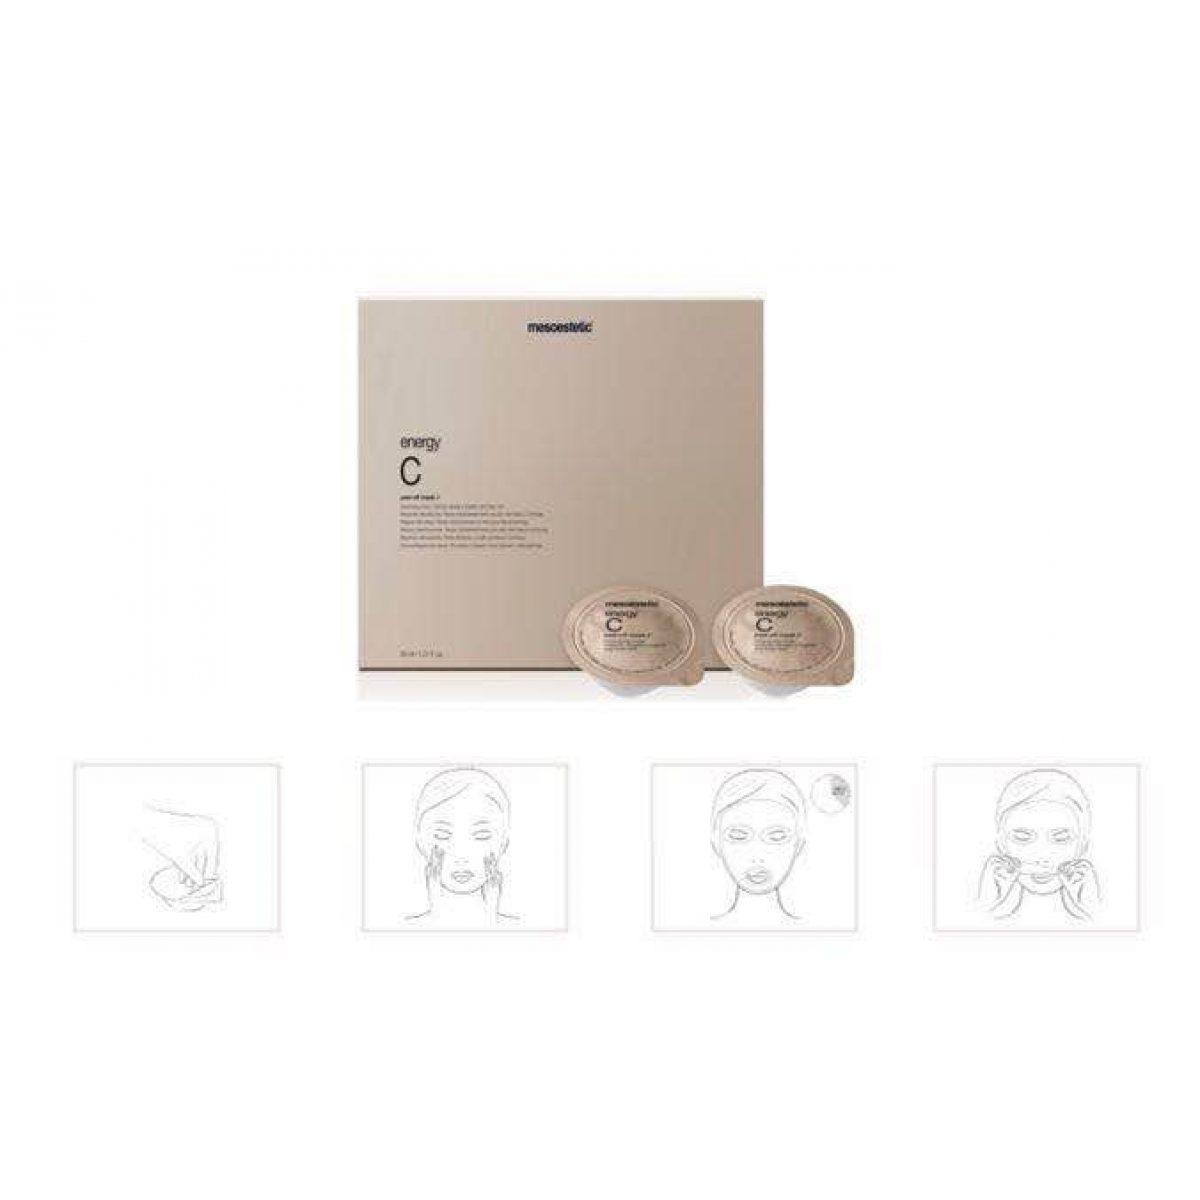 Energy C peel-off mask 5ml x 6